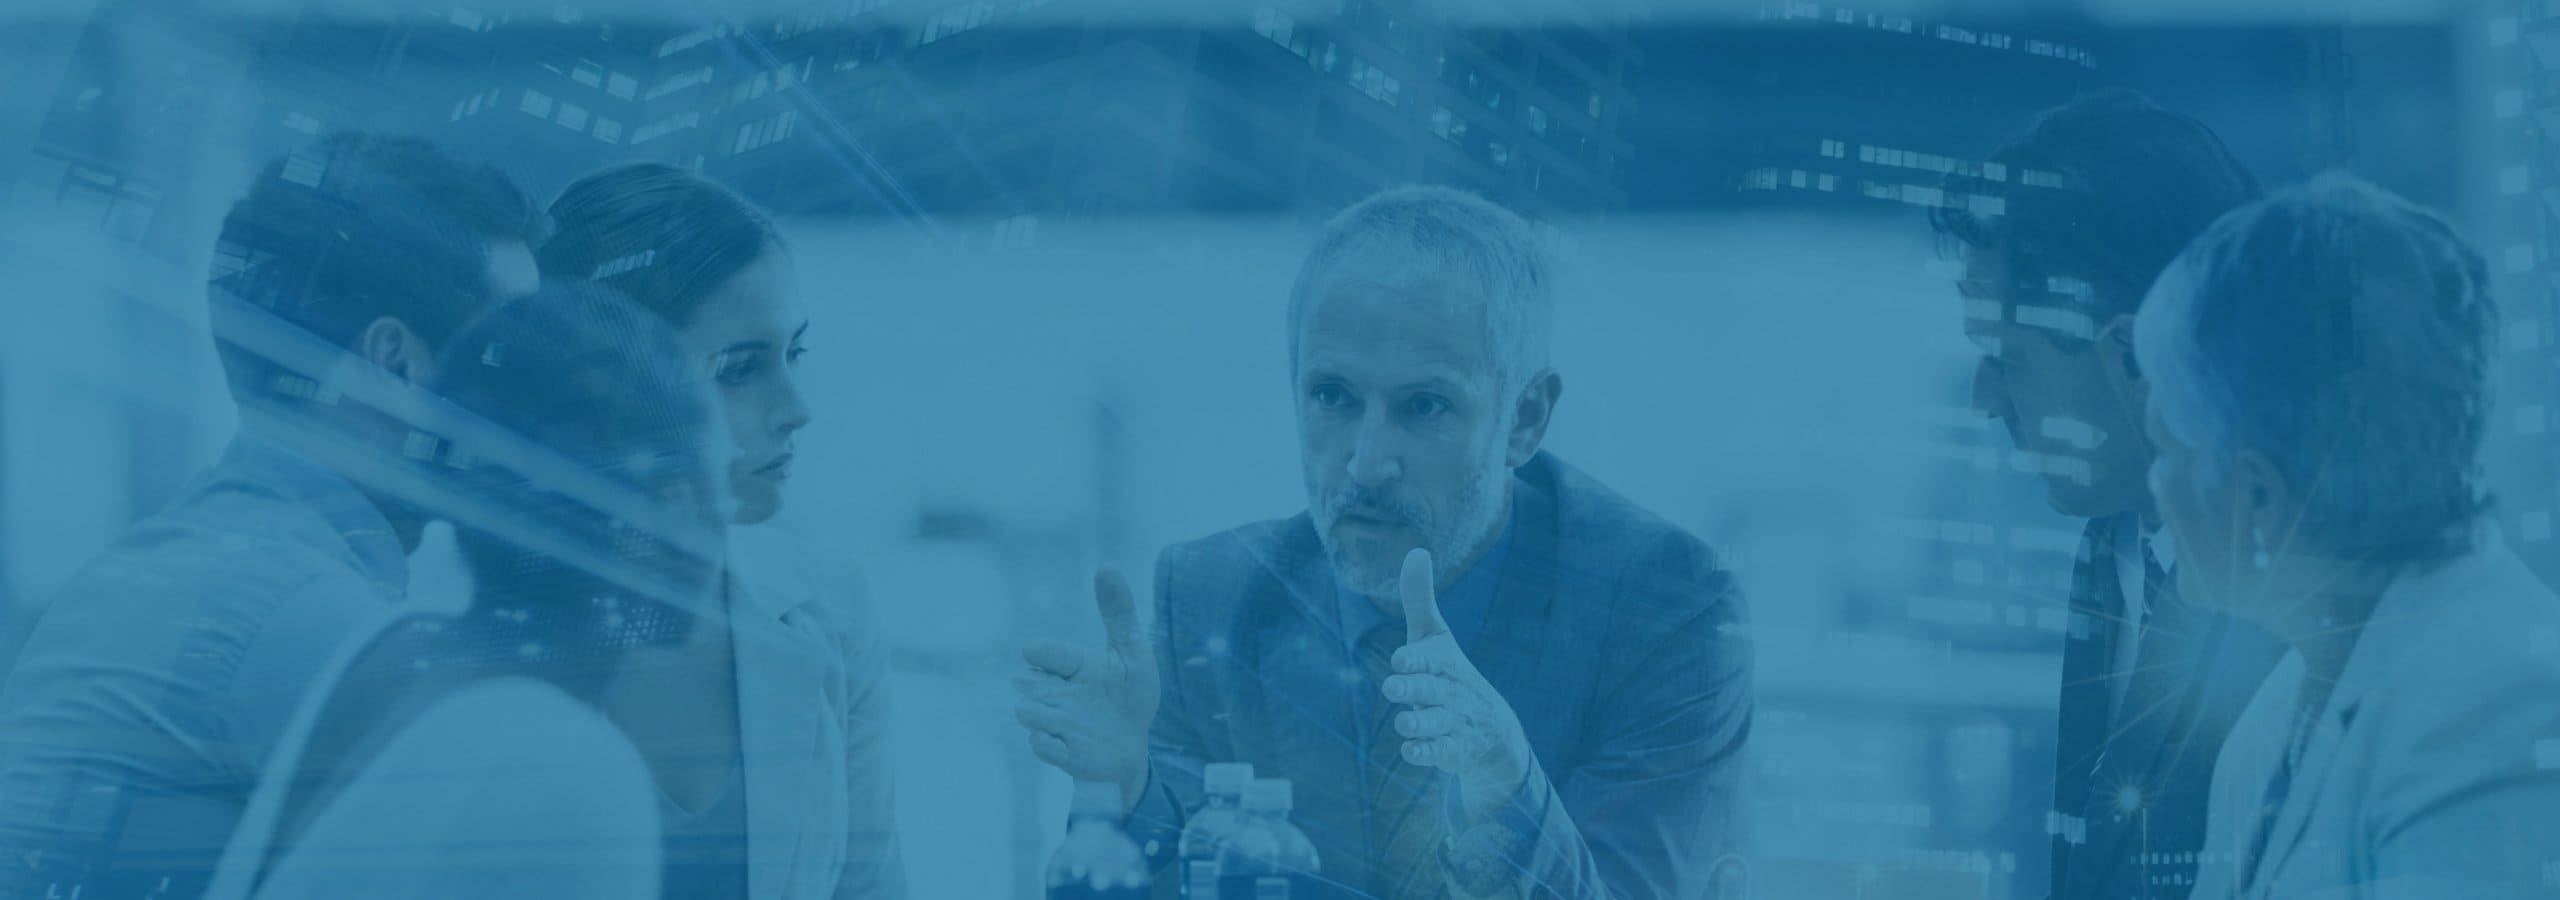 Dynamisk/hands-on Interim Økonomi- og administrationschef til dansk interiør virksomhed i stærk vækst – 5 mdr. Storkøbenhavn